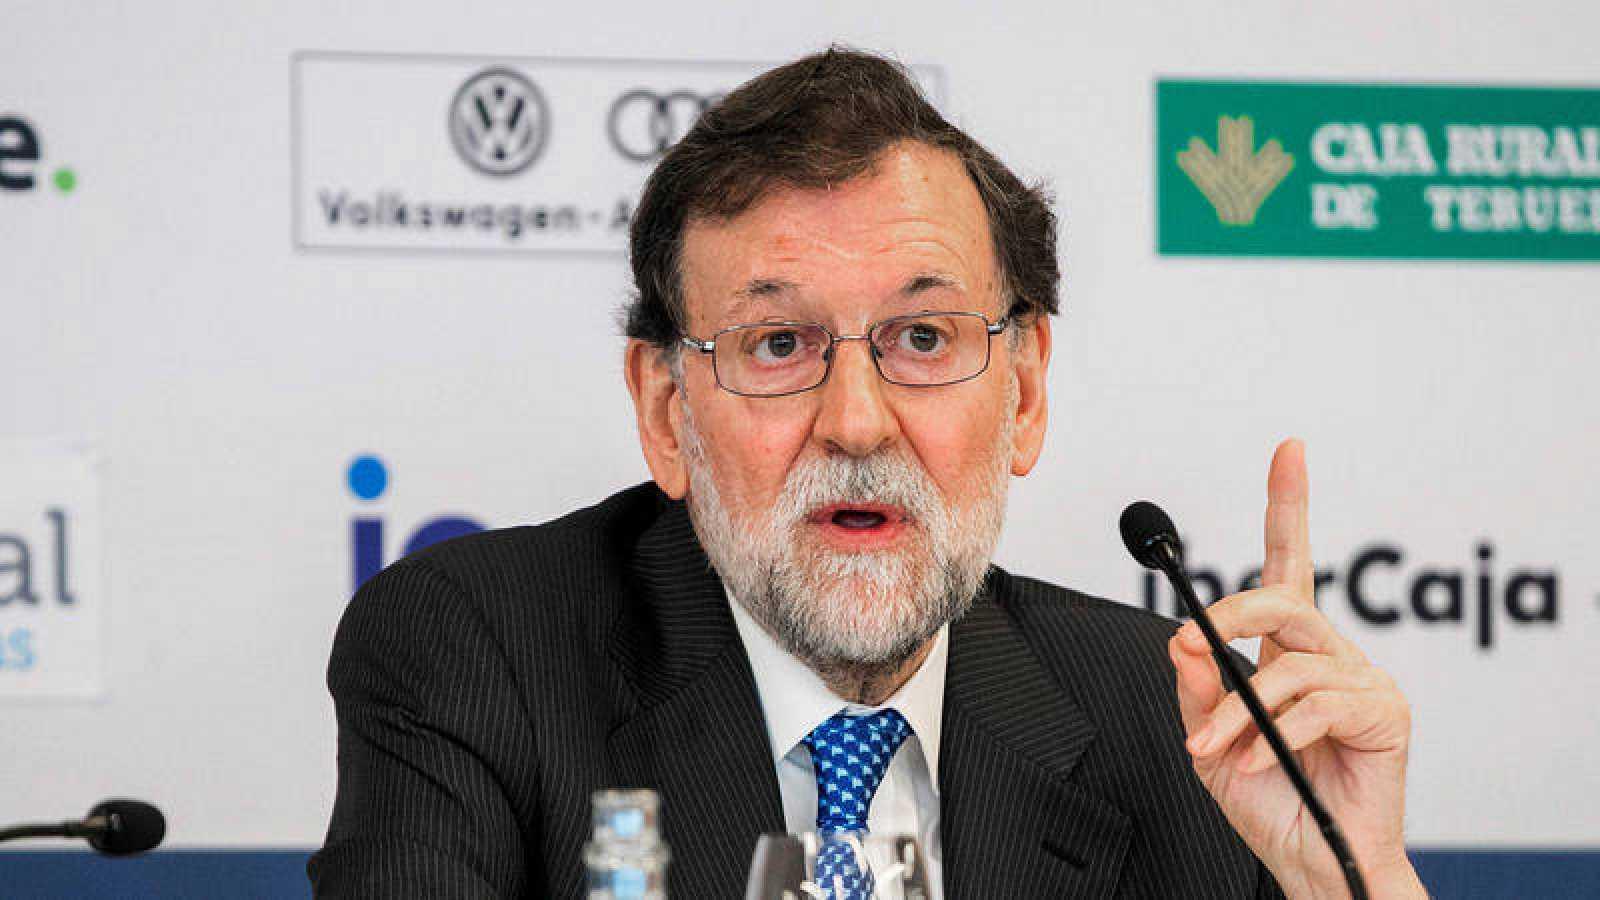 El expresidente del gobierno Mariano Rajoy en un acto sobre la presentación de su libro 'Una España mejor'